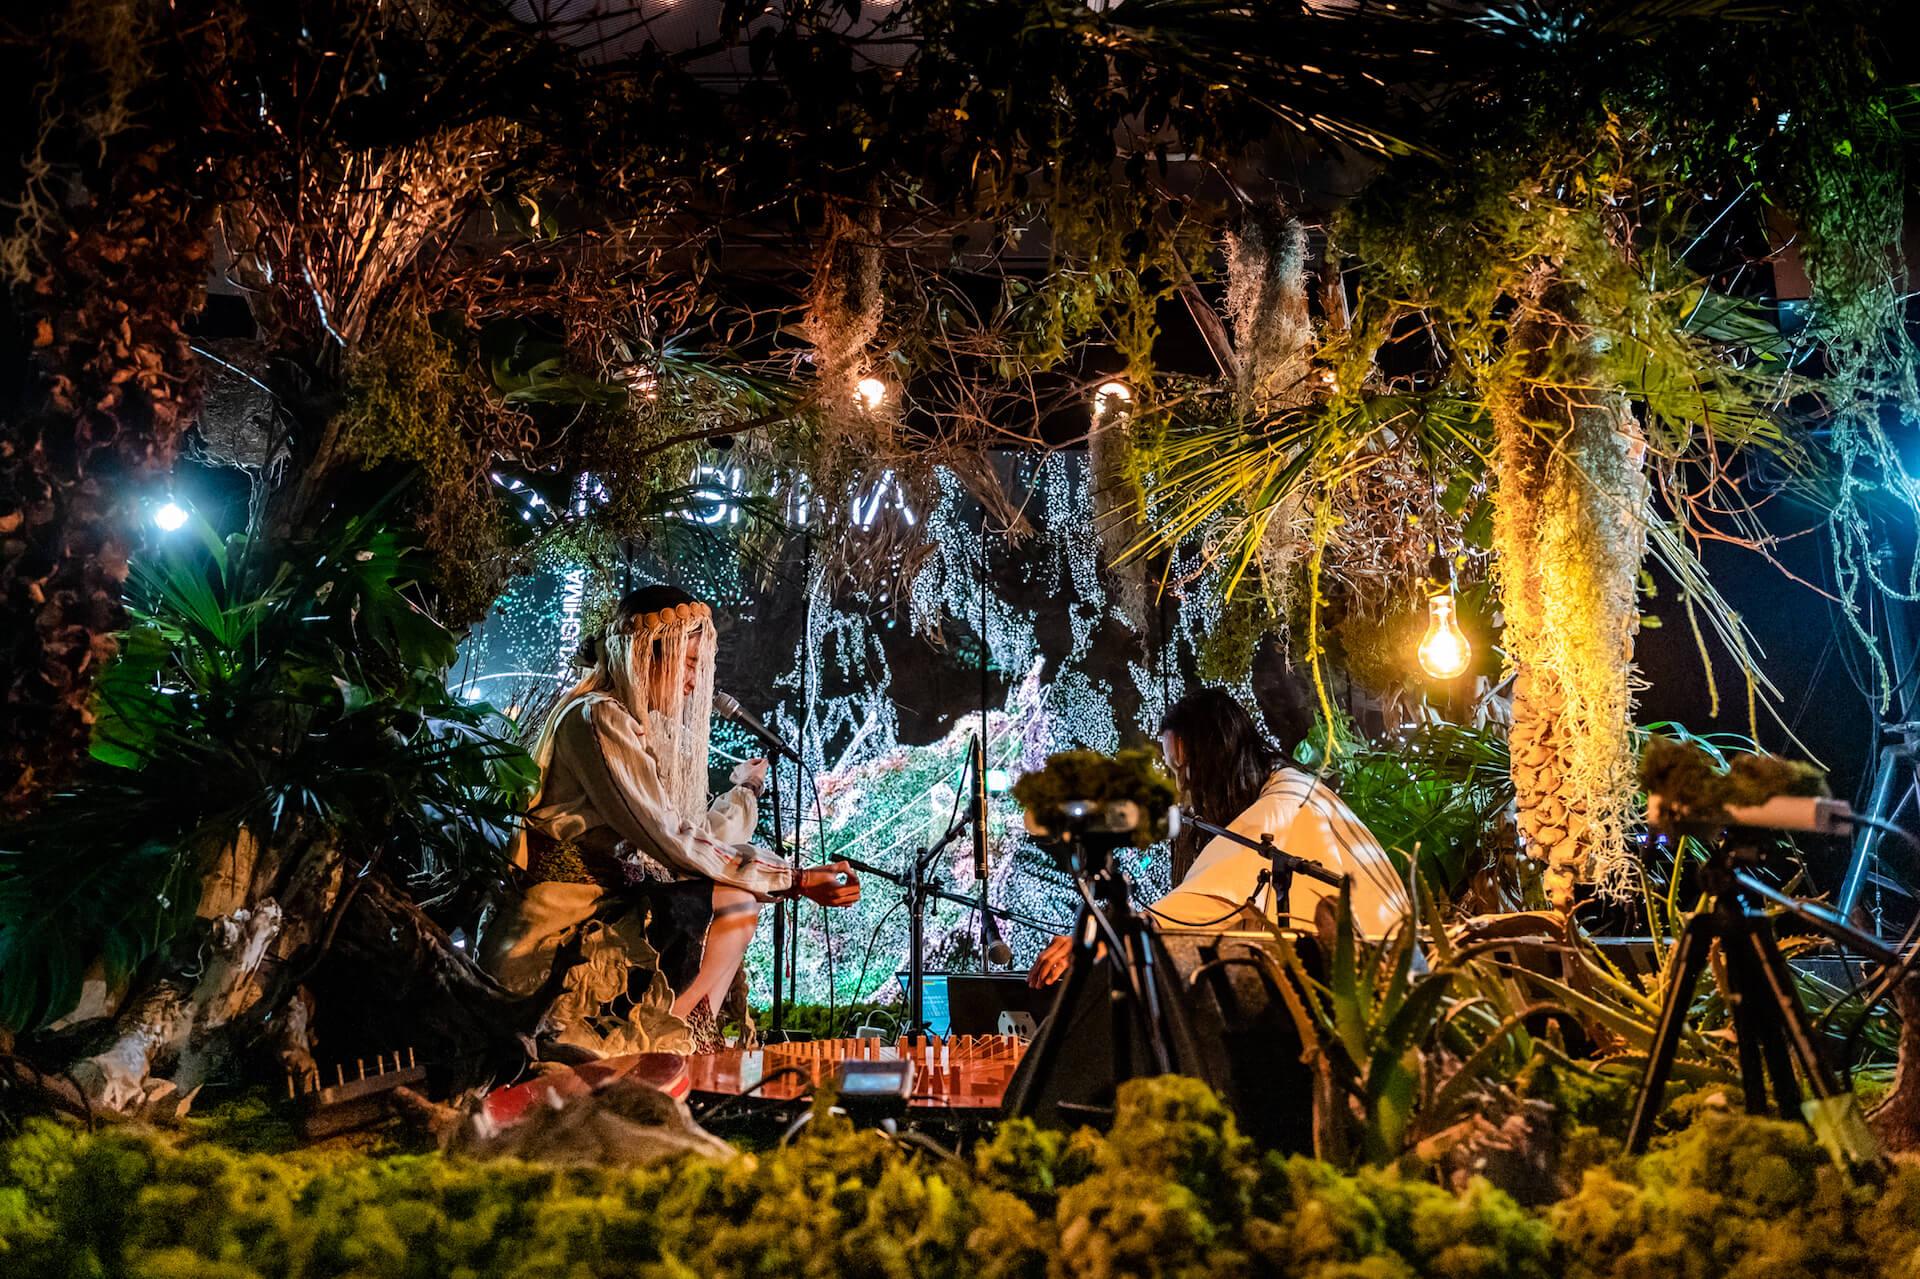 YAKUSHIMA TREASUREの死生観とポストコロナの表現|屋久島の原生林でのライヴ作品『ANOTHER LIVE』に迫る music210219_yakushimatreasure_21